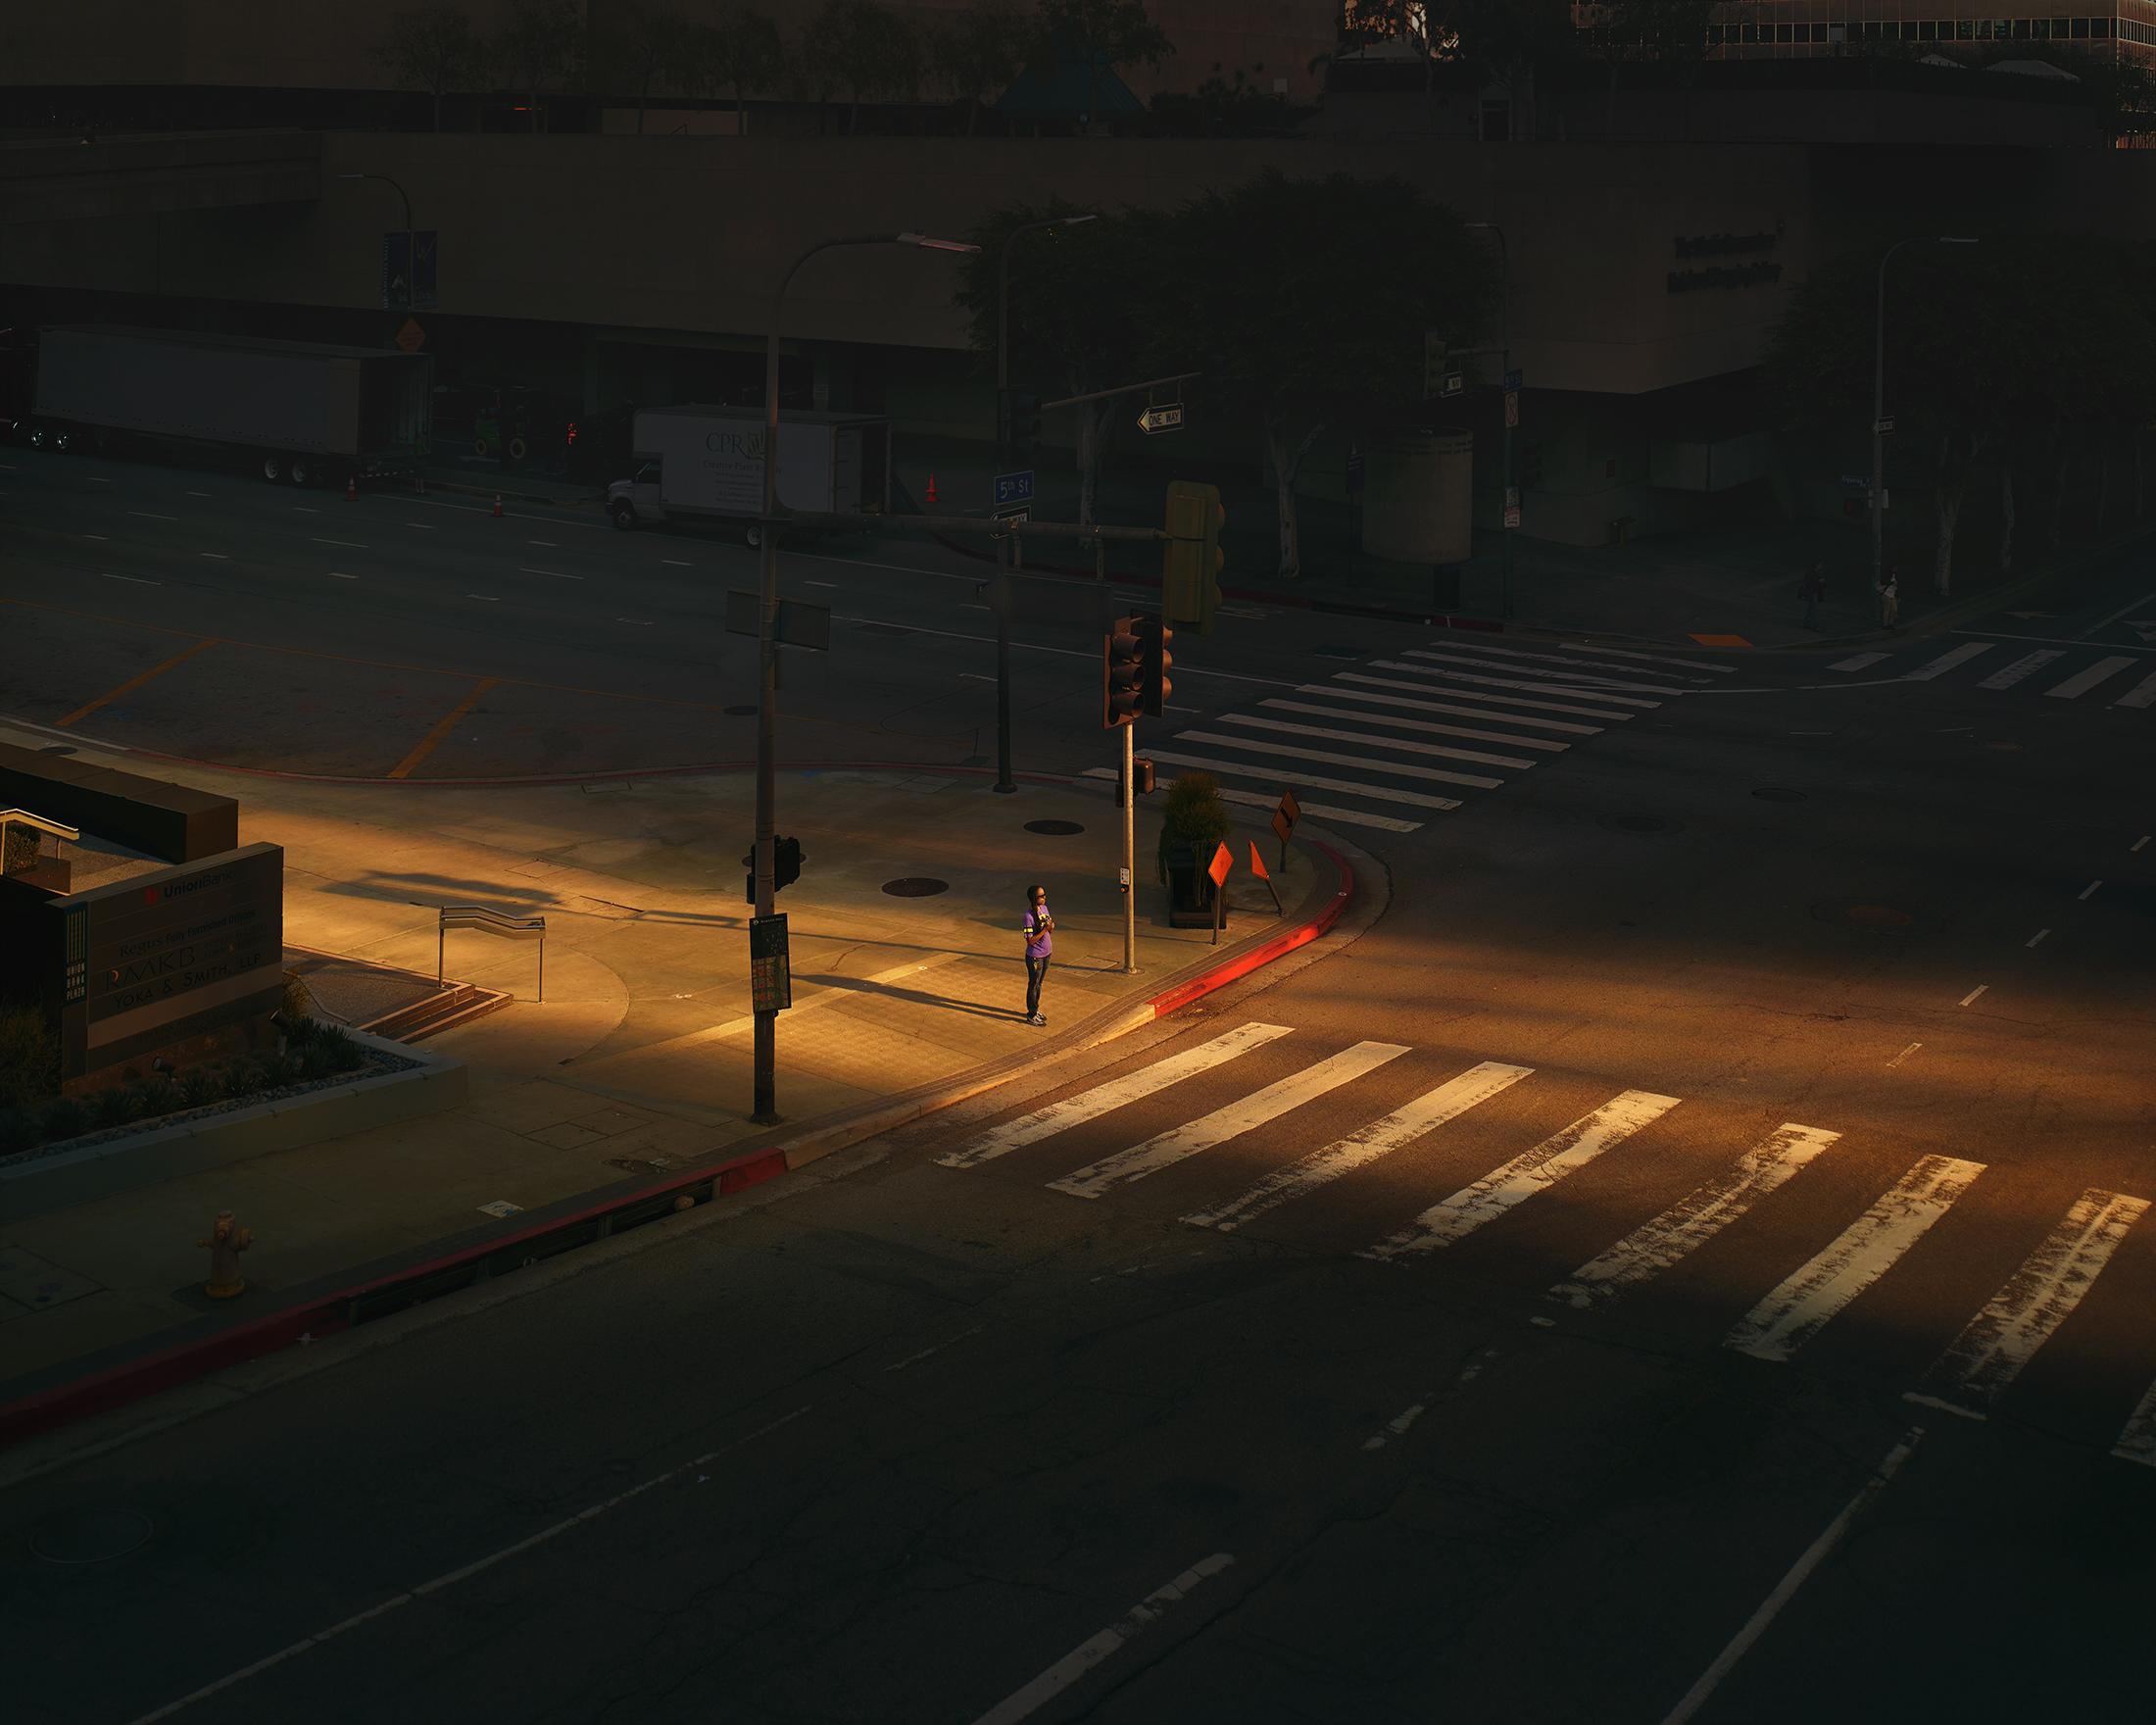 Figueroa+St,+LA.jpg